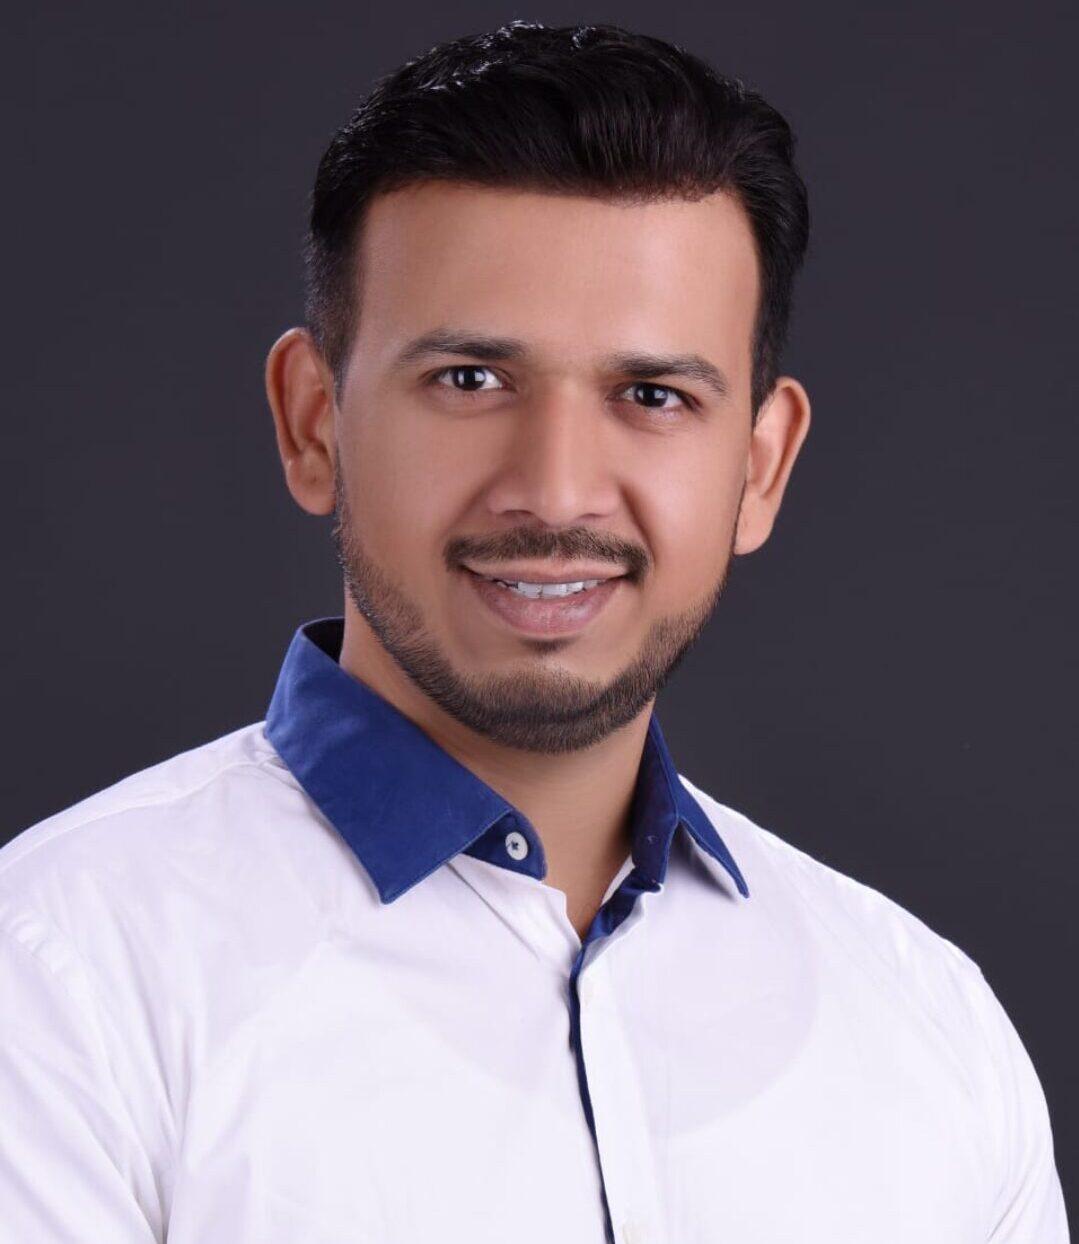 https://media.setu.in/20210716134933/Hemant_Balwankar-e1620028312772.jpg